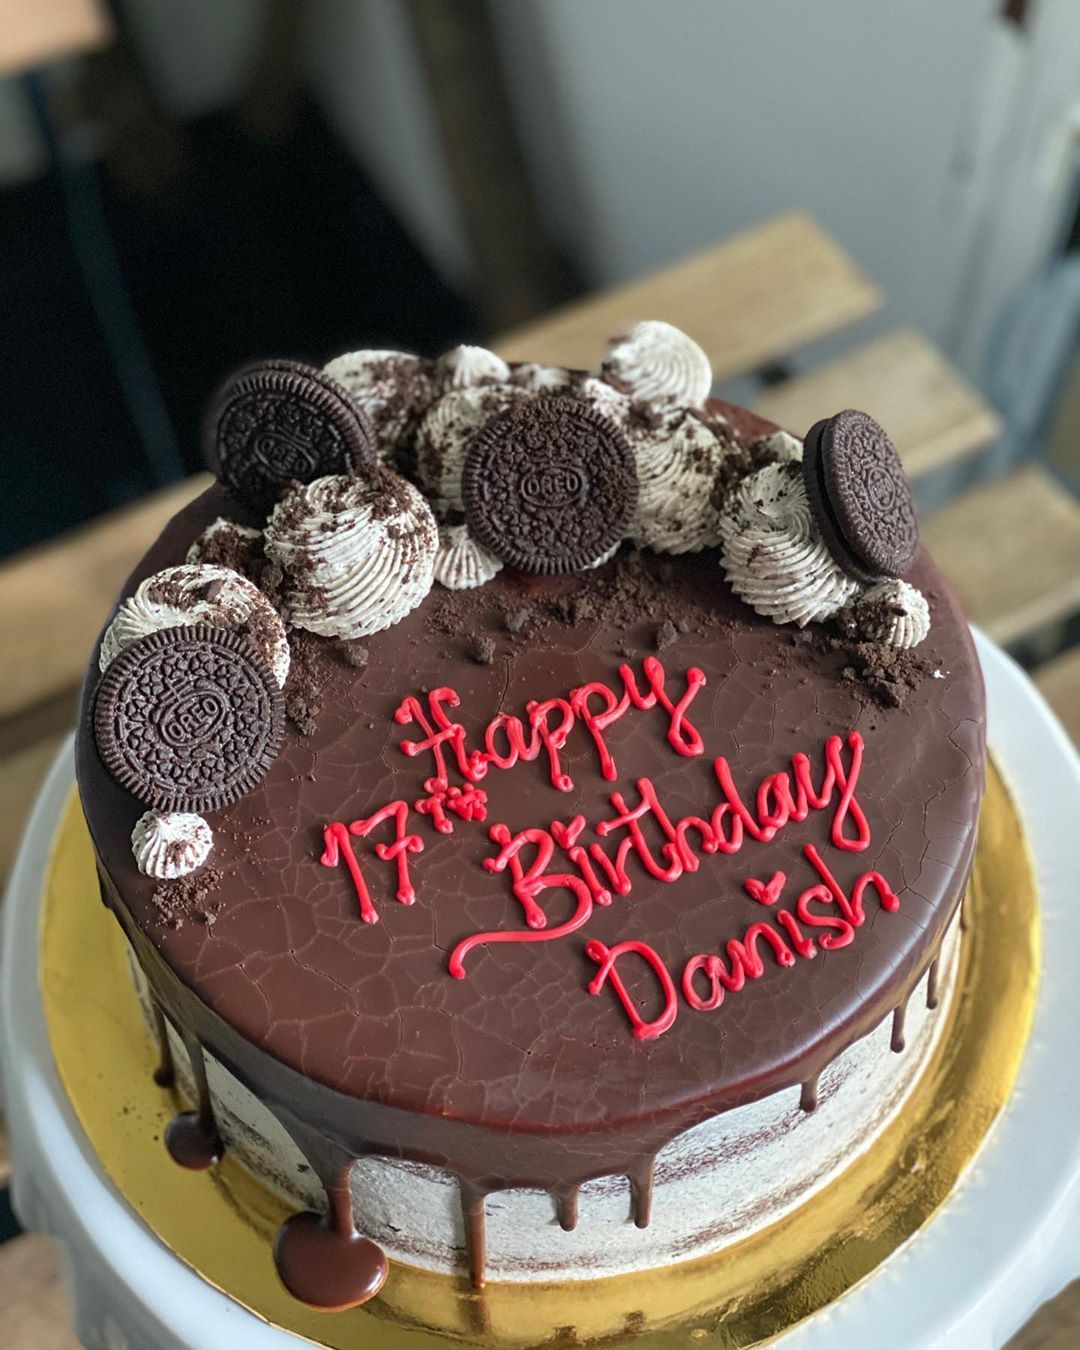 Oreo Chocolate Cake Danish . Happy Birthday Boy! ☺️ For